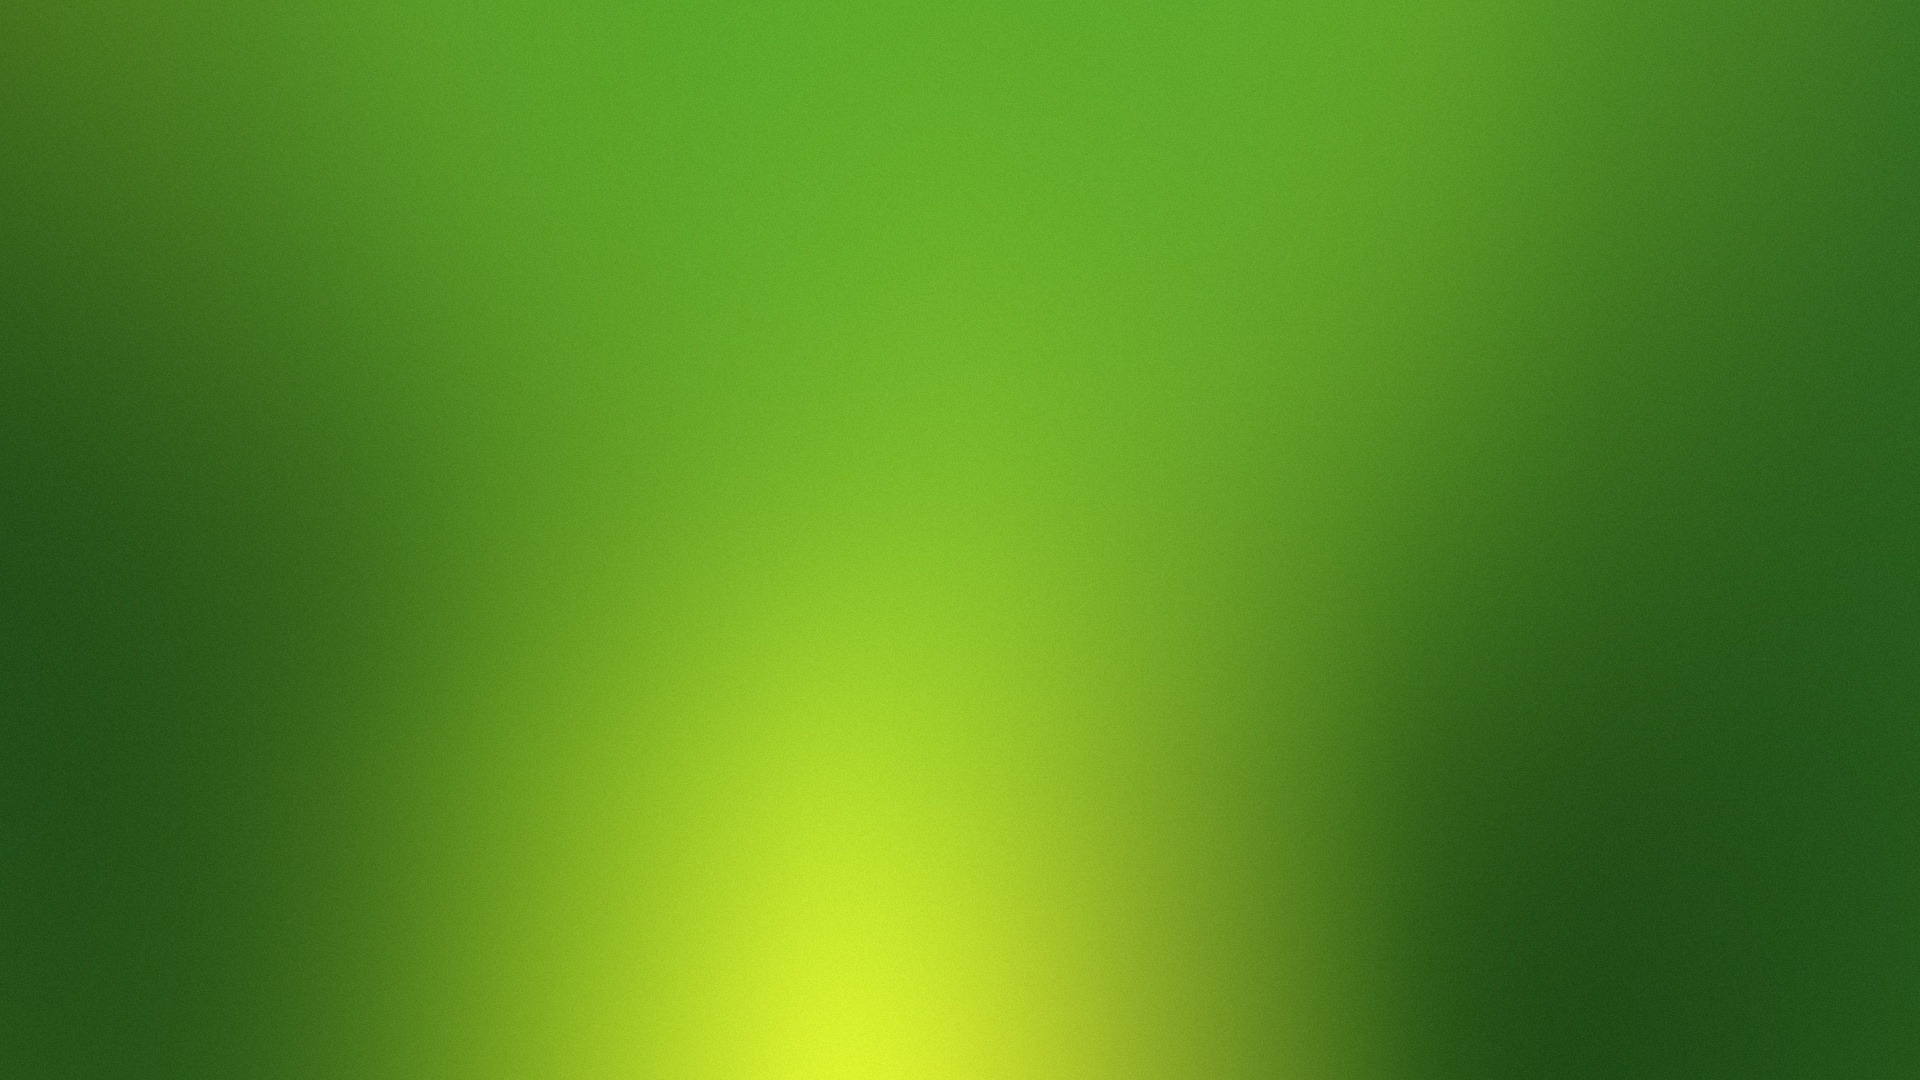 シンプルな緑 3d創造的な設計壁紙プレビュー 10wallpaper Com